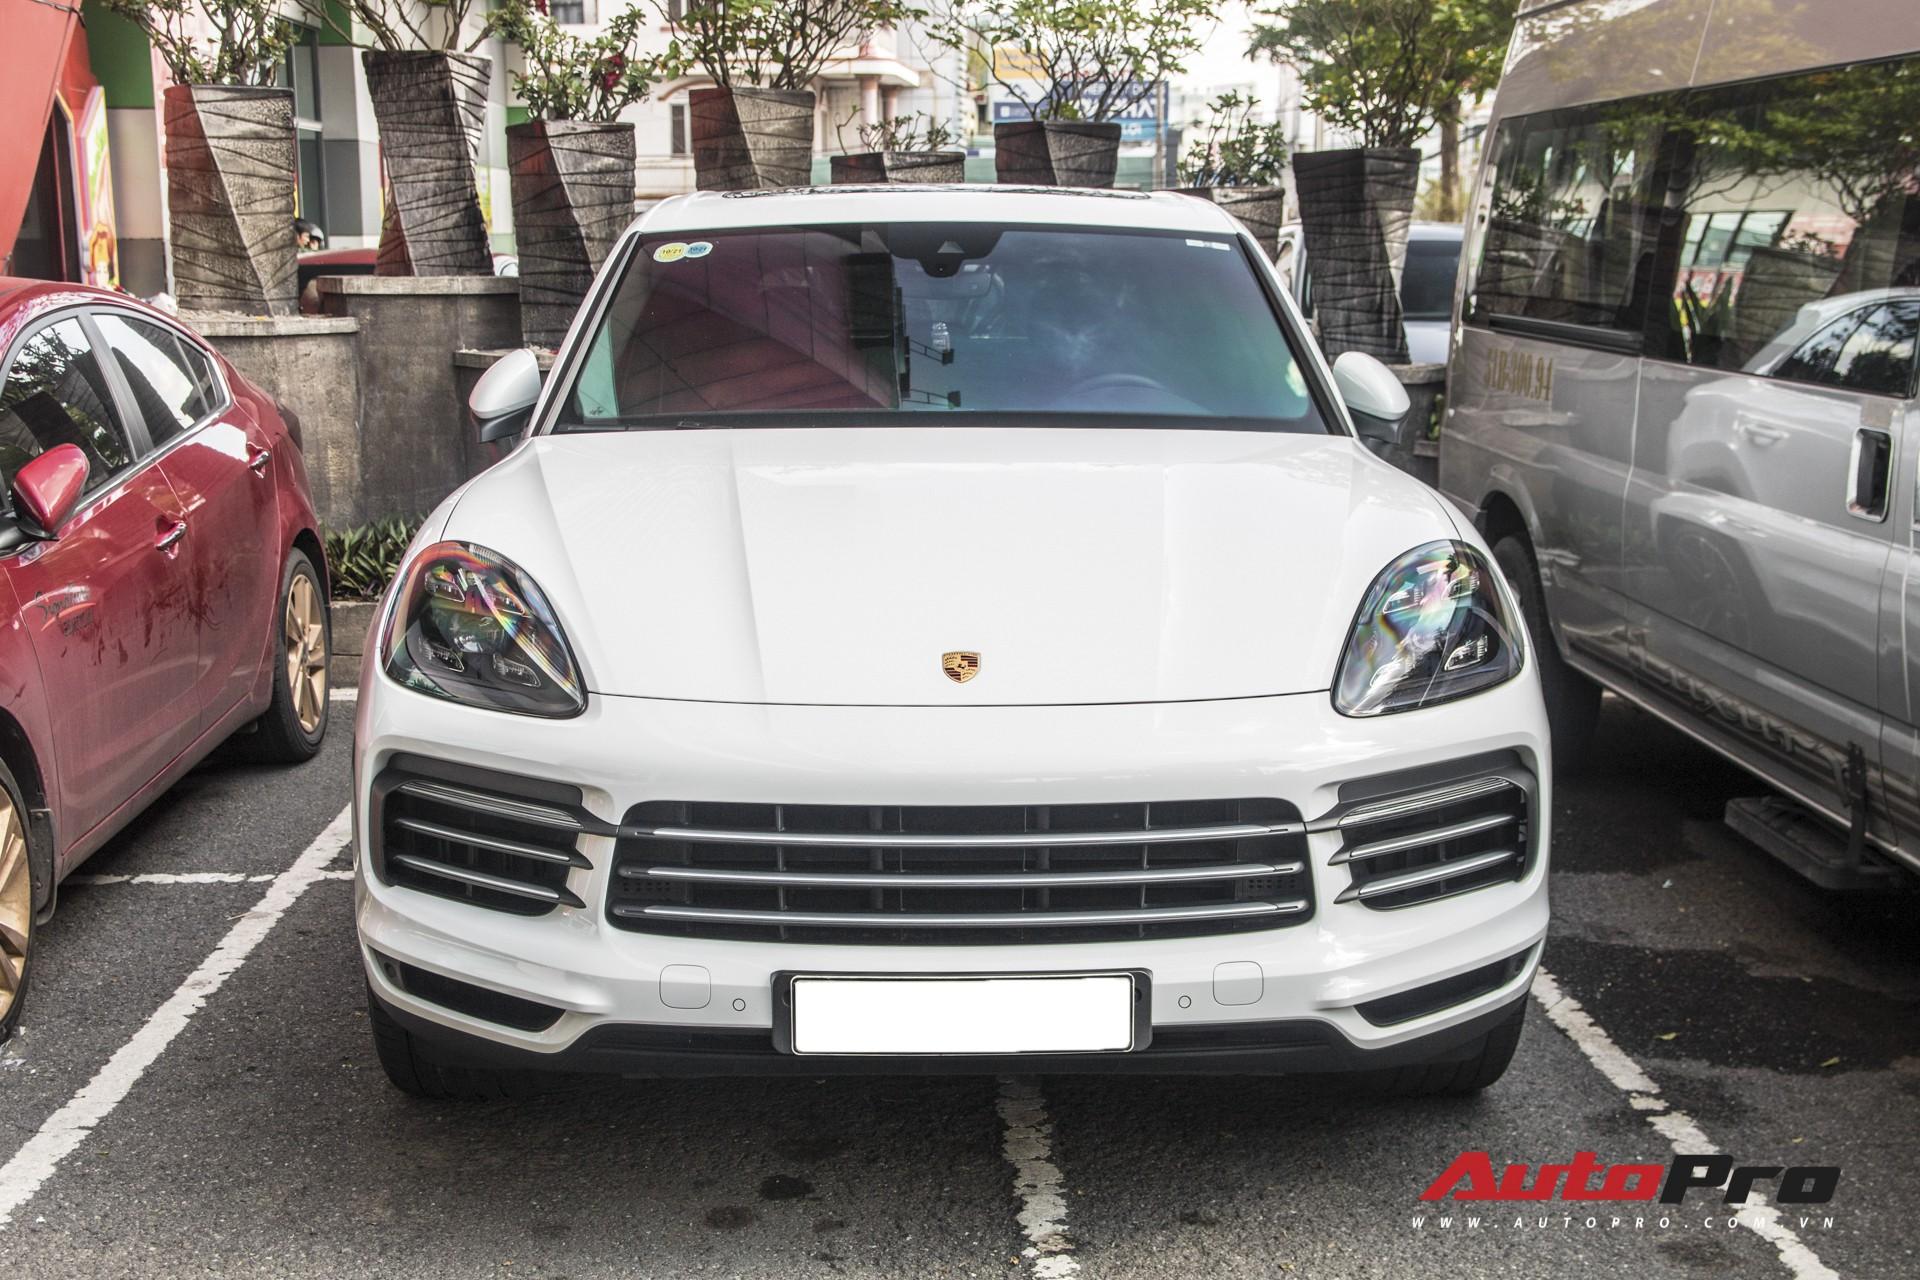 Cường Đô-la, Đàm Thu Trang mạnh tay chi hơn 7 tỷ đồng tậu Porsche Cayenne S thế hệ mới - Ảnh 1.